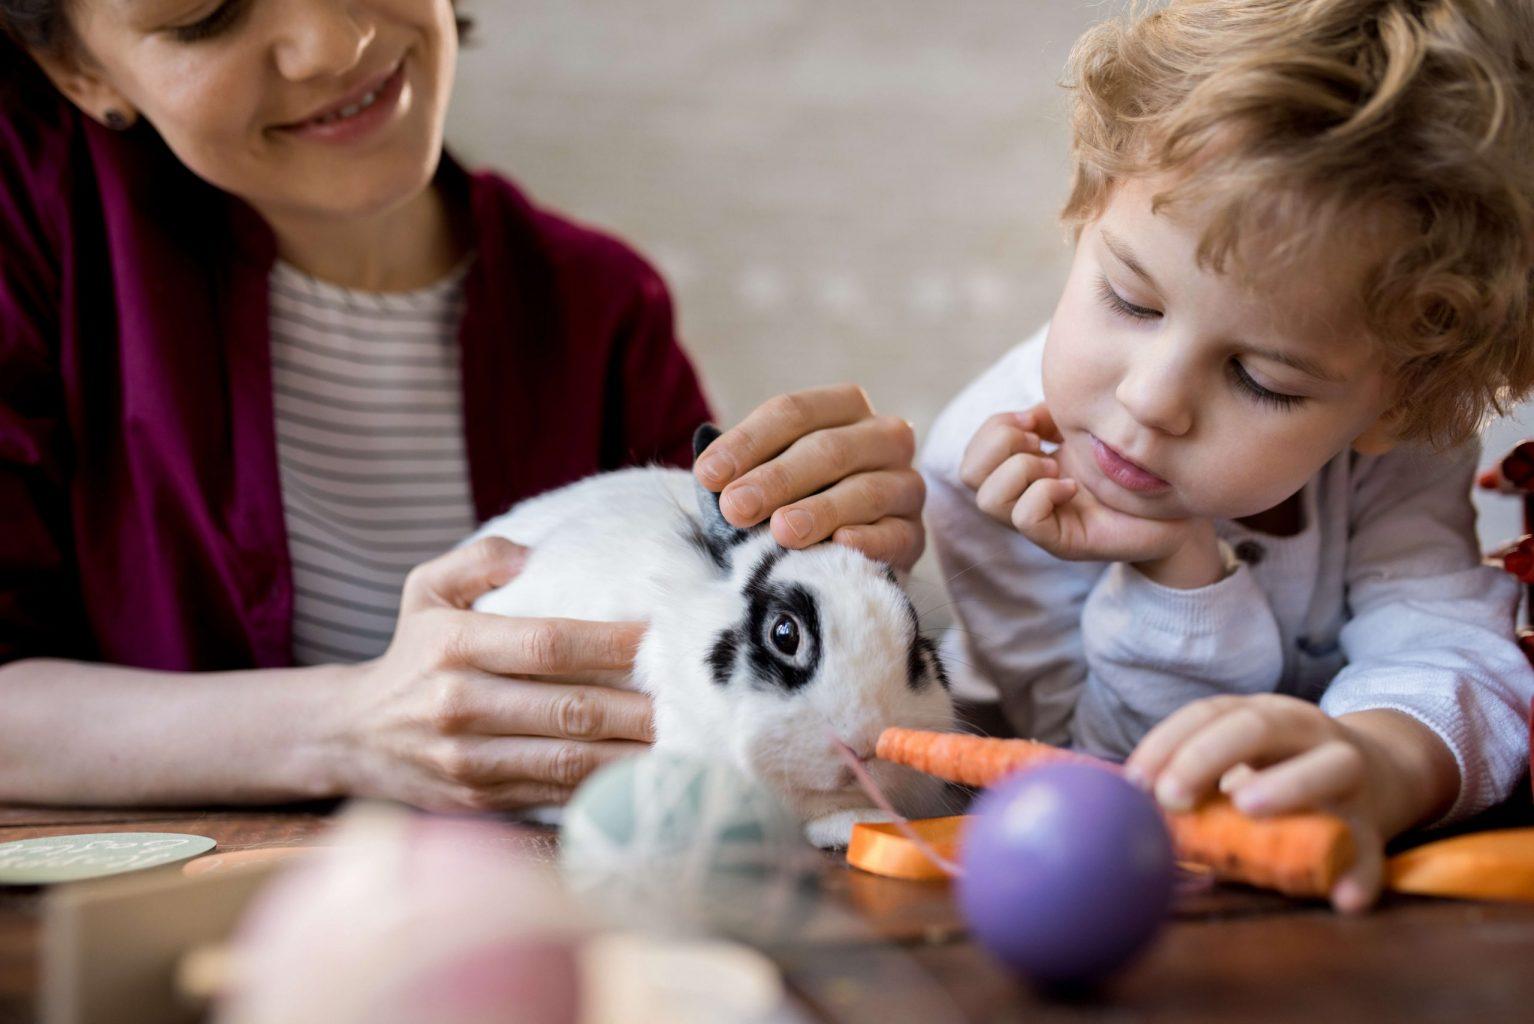 Le garçon et sa mère nourrissent leur lapin d'une carotte, un légume important pour cet animal